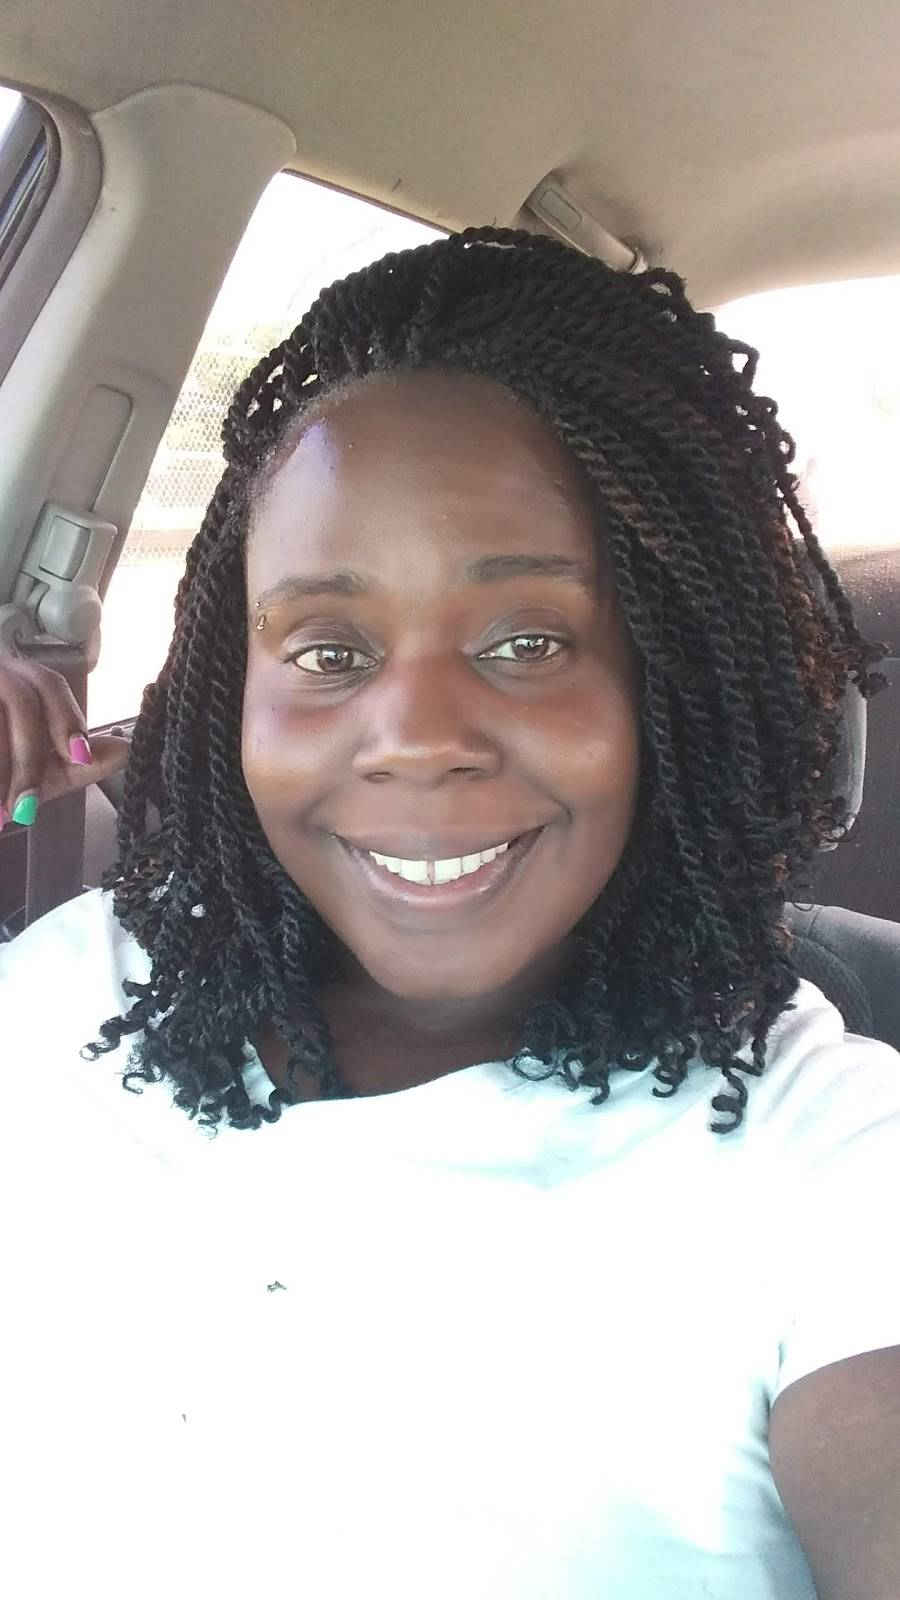 Taslim African Hair Braiding - hair care  | Photo 9 of 10 | Address: 4515 Village Fair Dr, Dallas, TX 75224, USA | Phone: (214) 371-2002